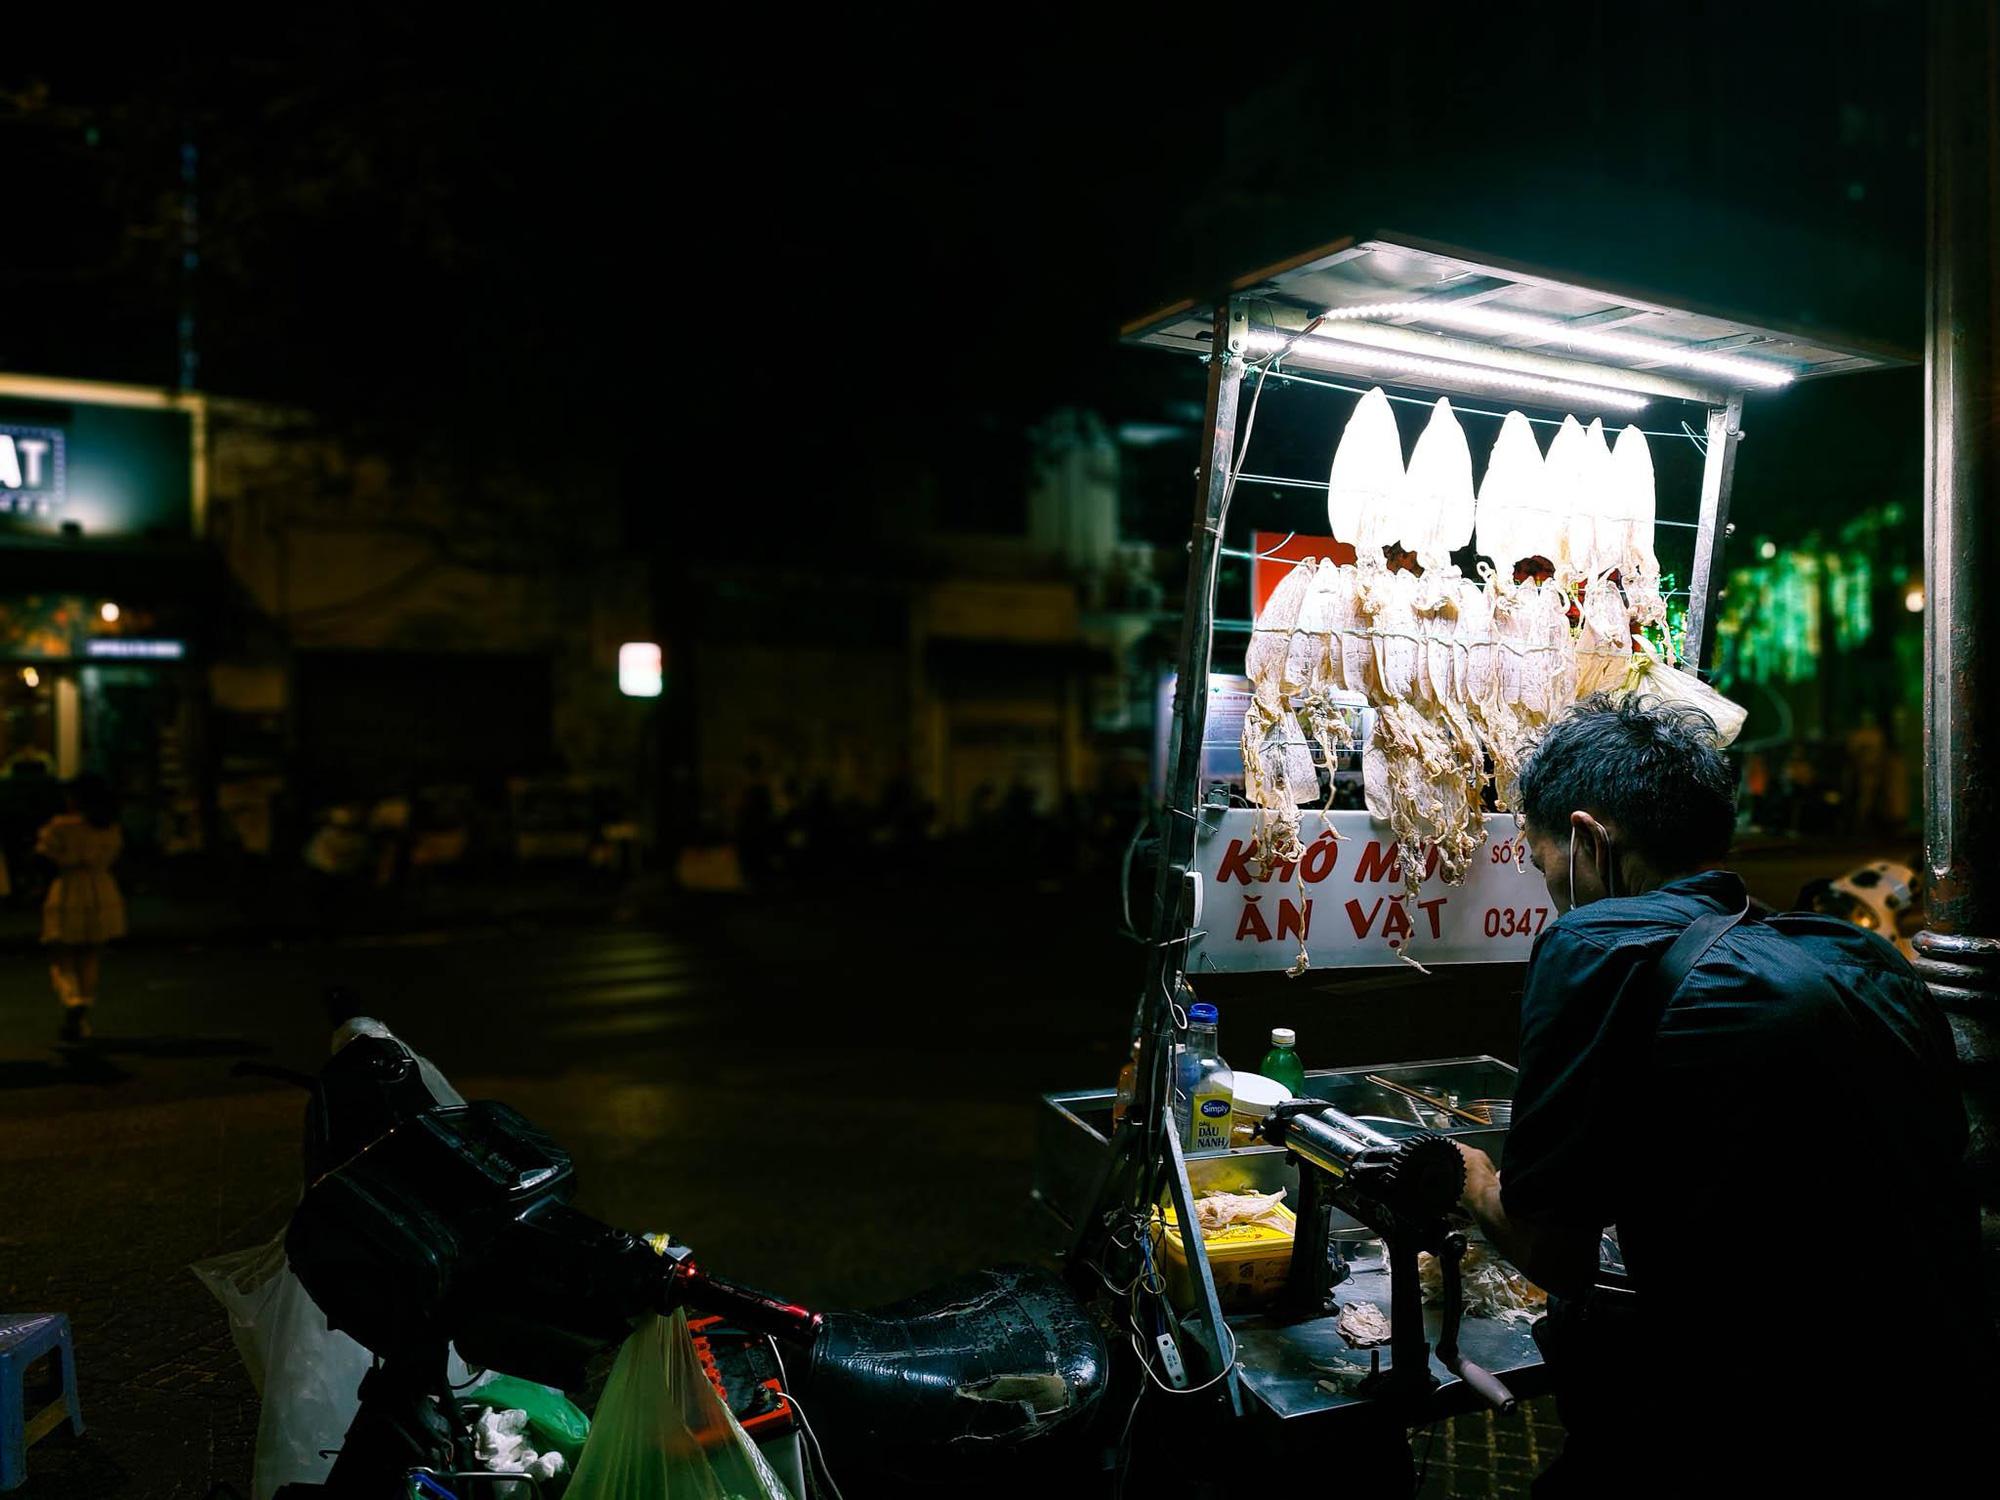 Sài Gòn - thành phố không ngủ qua ống kính Galaxy A72 - Ảnh 5.